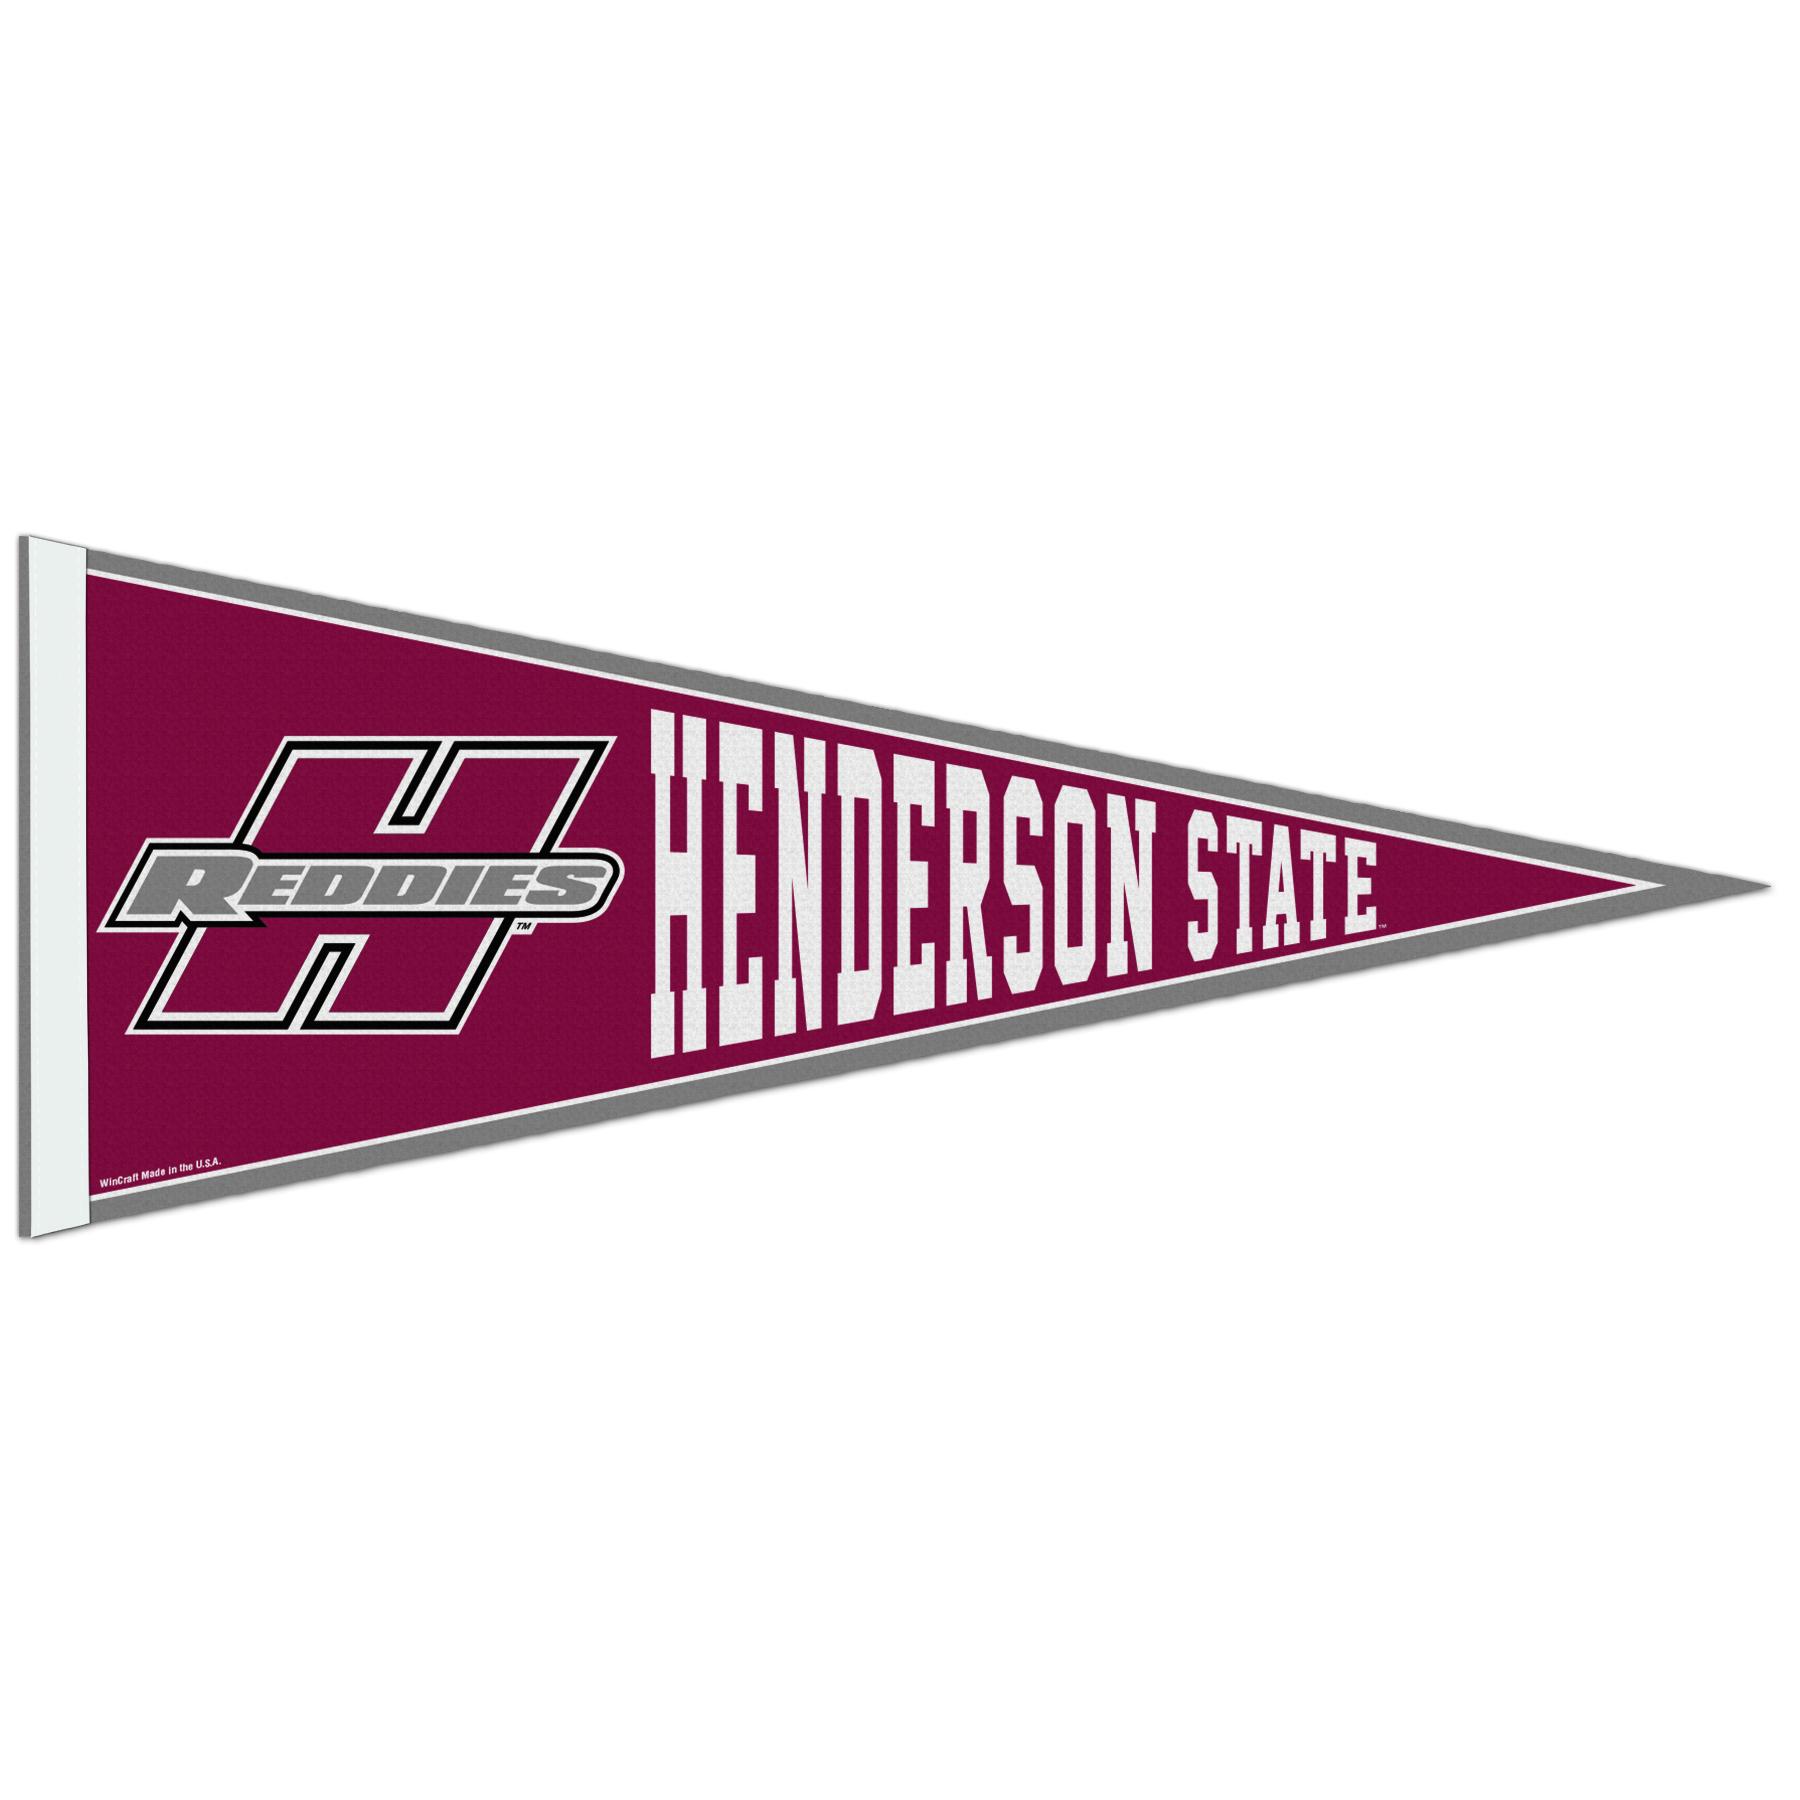 image of: Henderson State Reddies Pennant 12x30